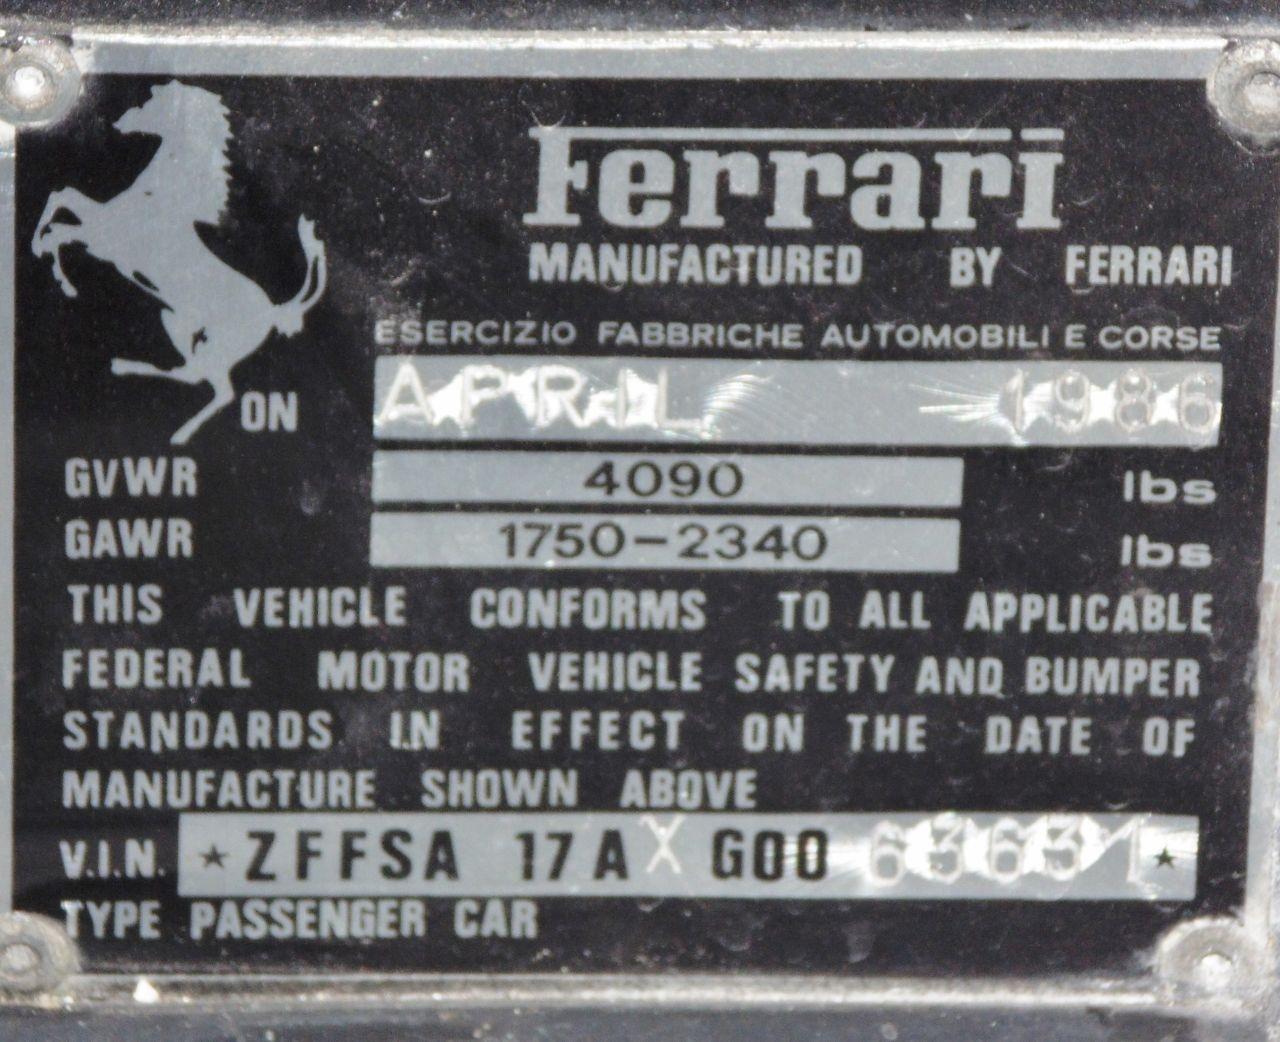 Miami Vice Ferrari Testarossa For Sale (2)